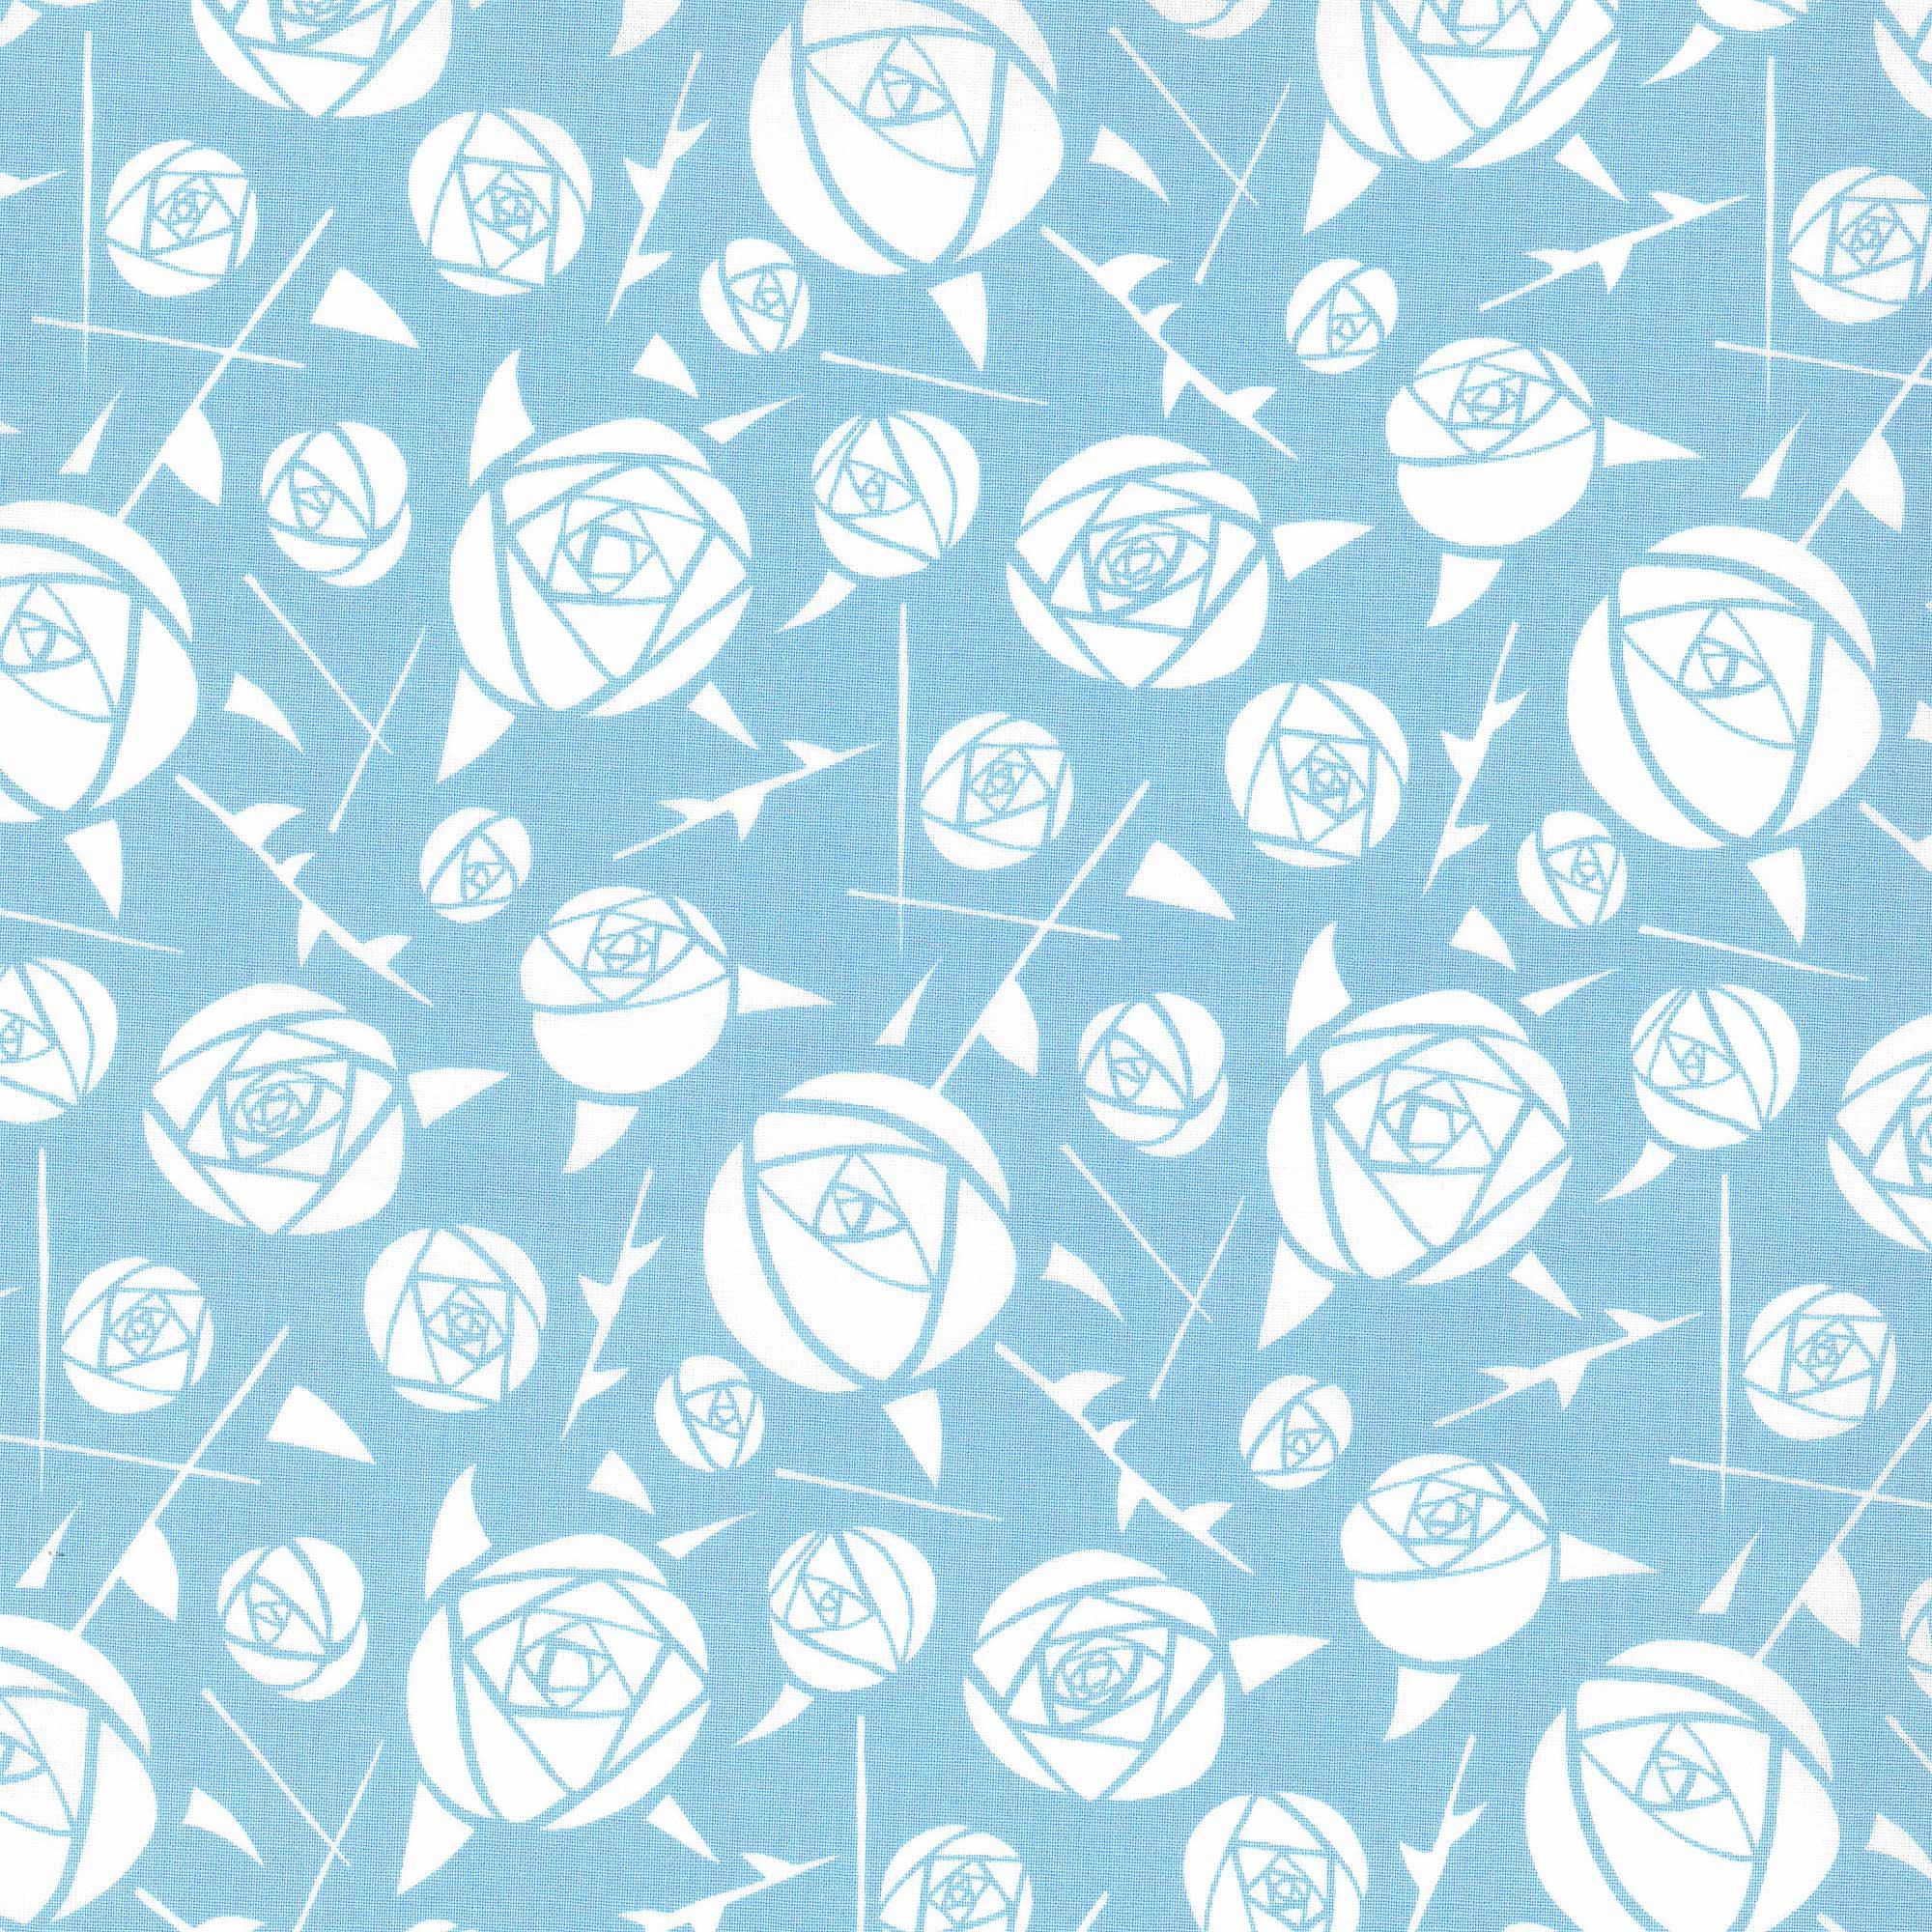 produkt_img/010505255.jpg